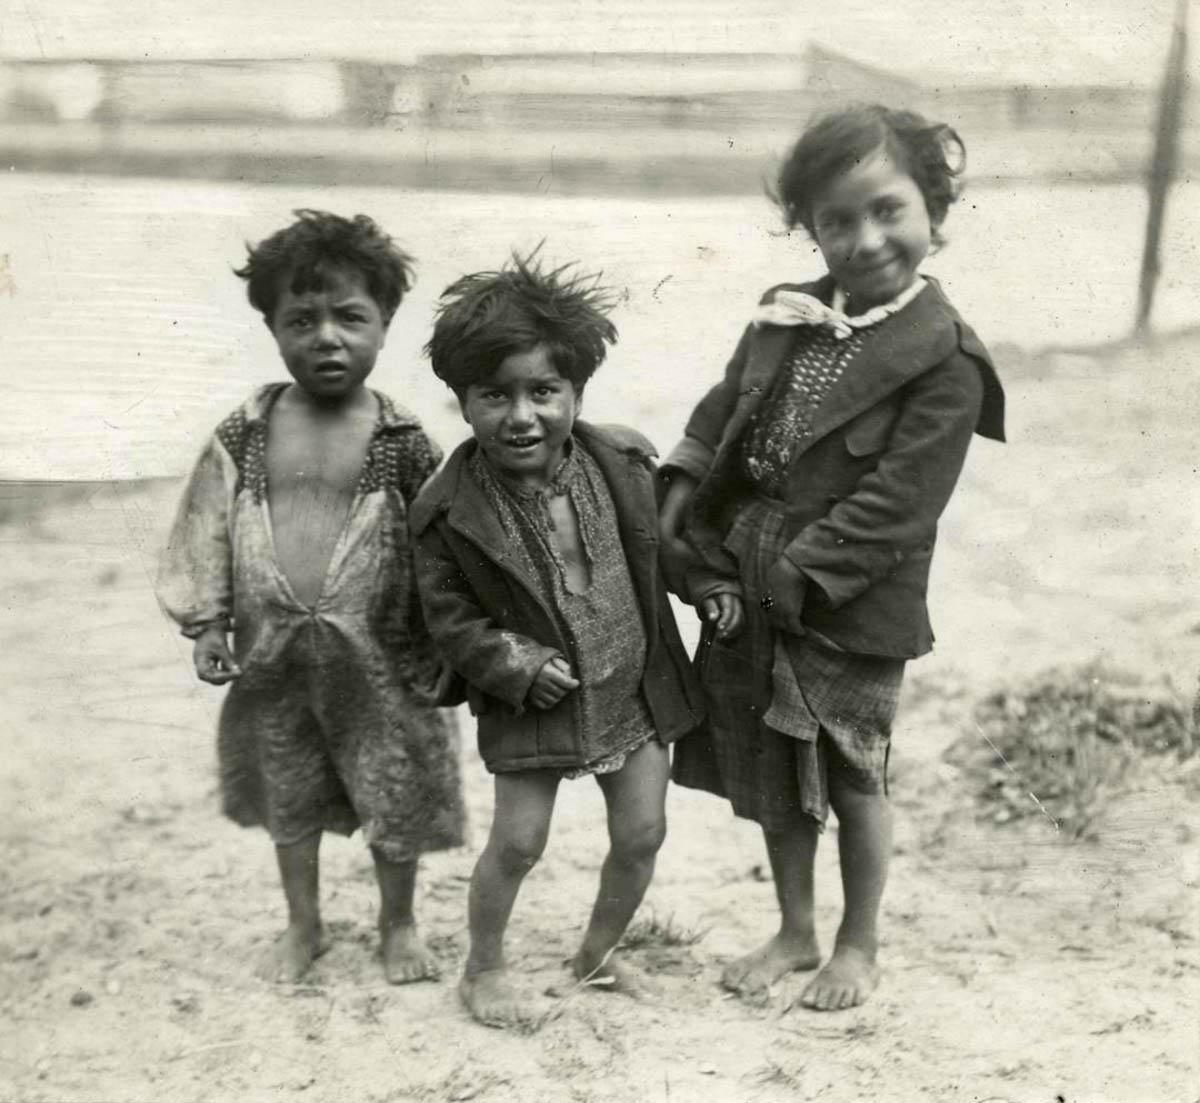 893 Жизнь цыган в Европе до Второй Мировой войны